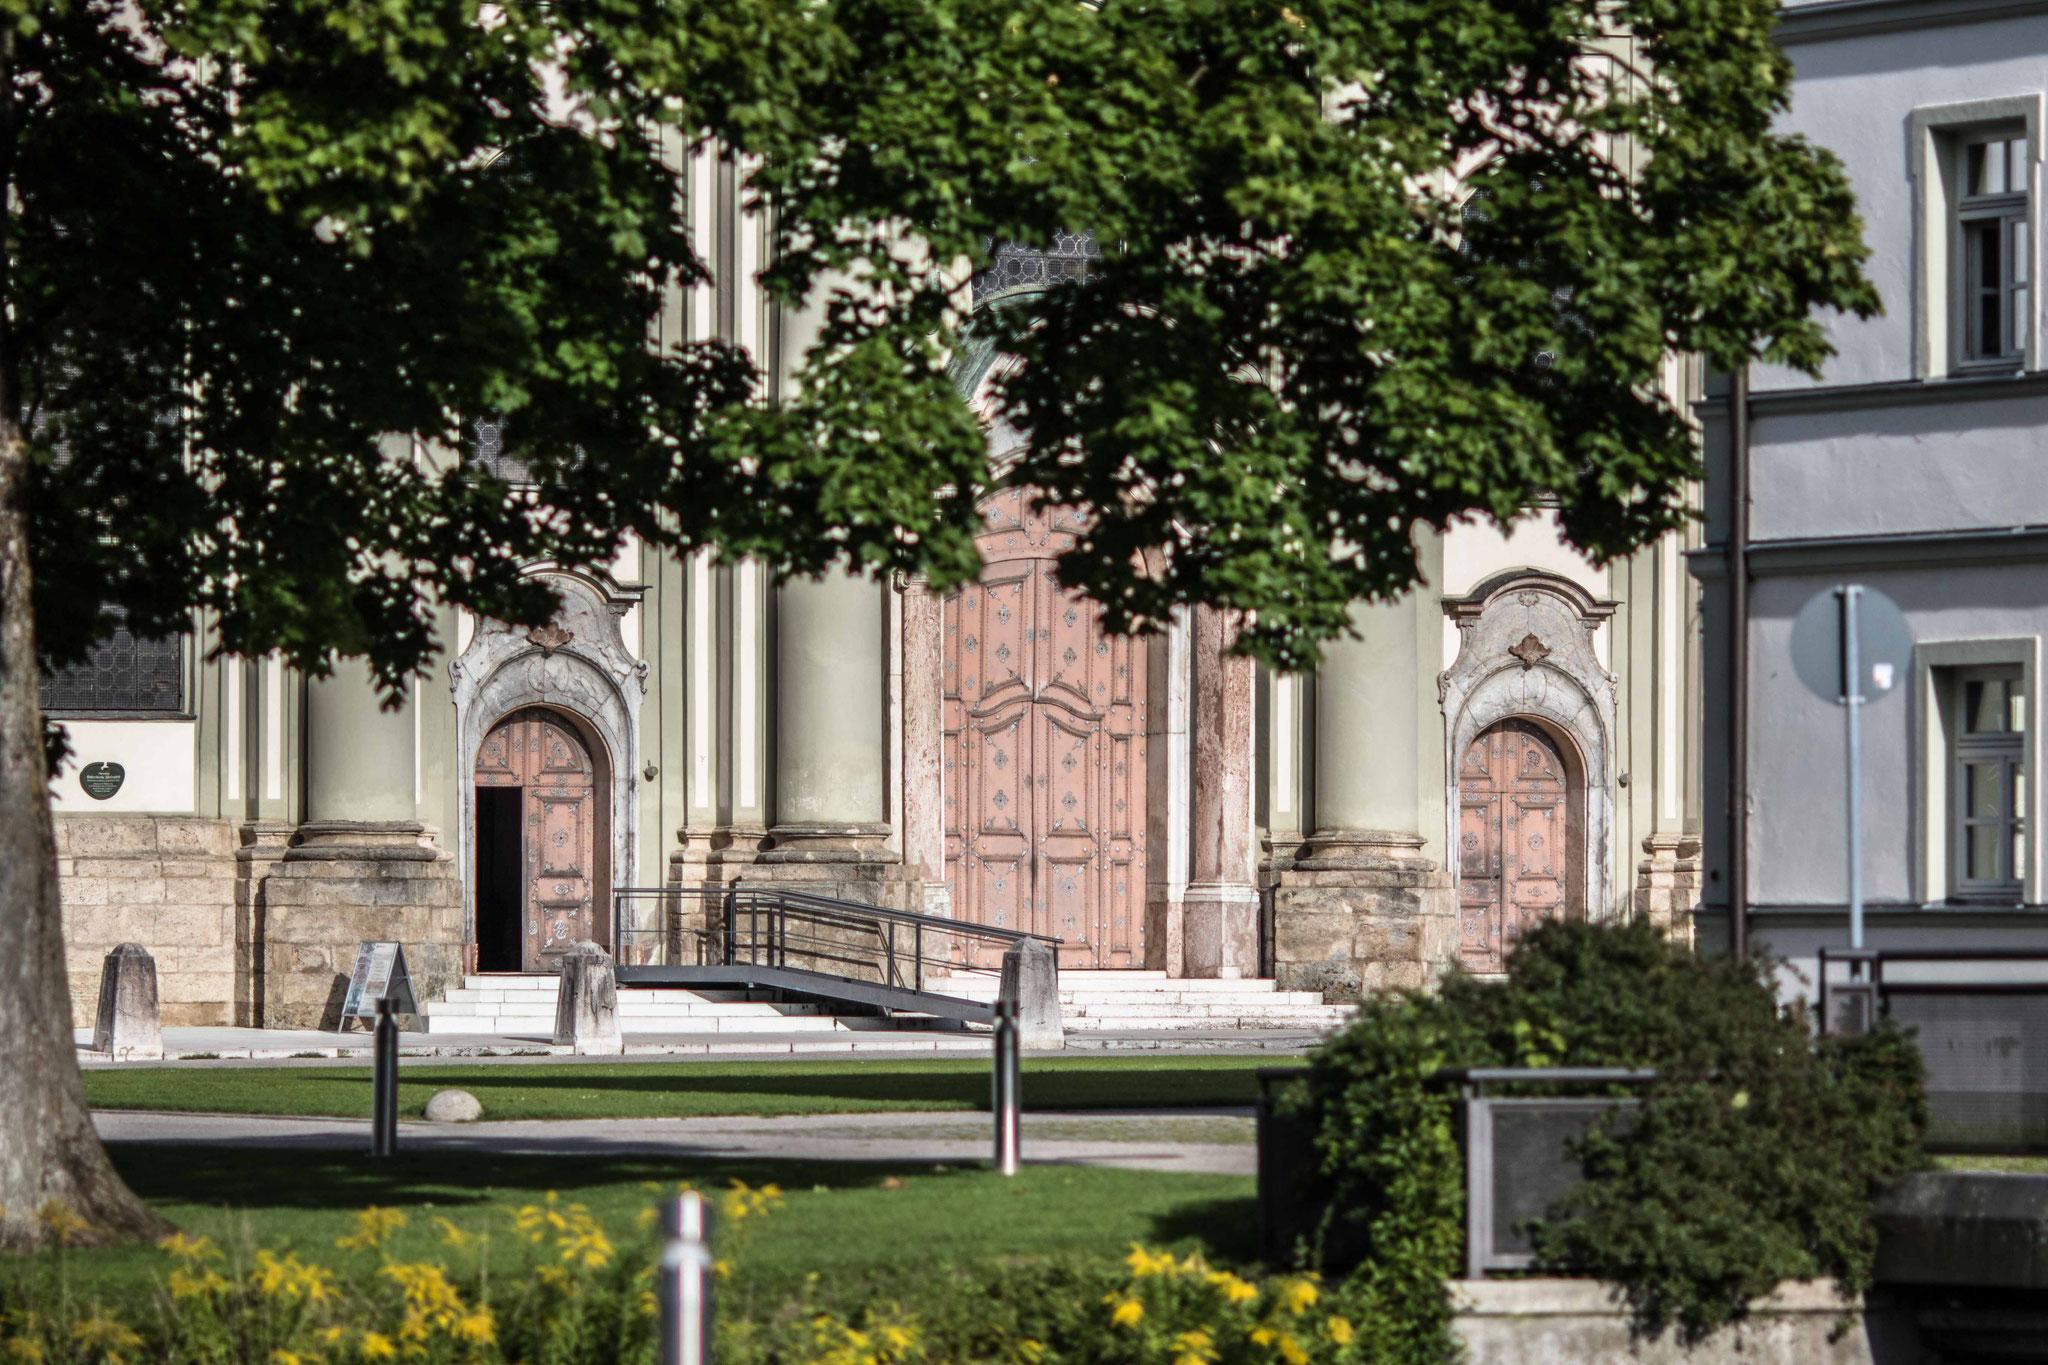 Der Eingangsbereich des Klosters Fürstenfeld.